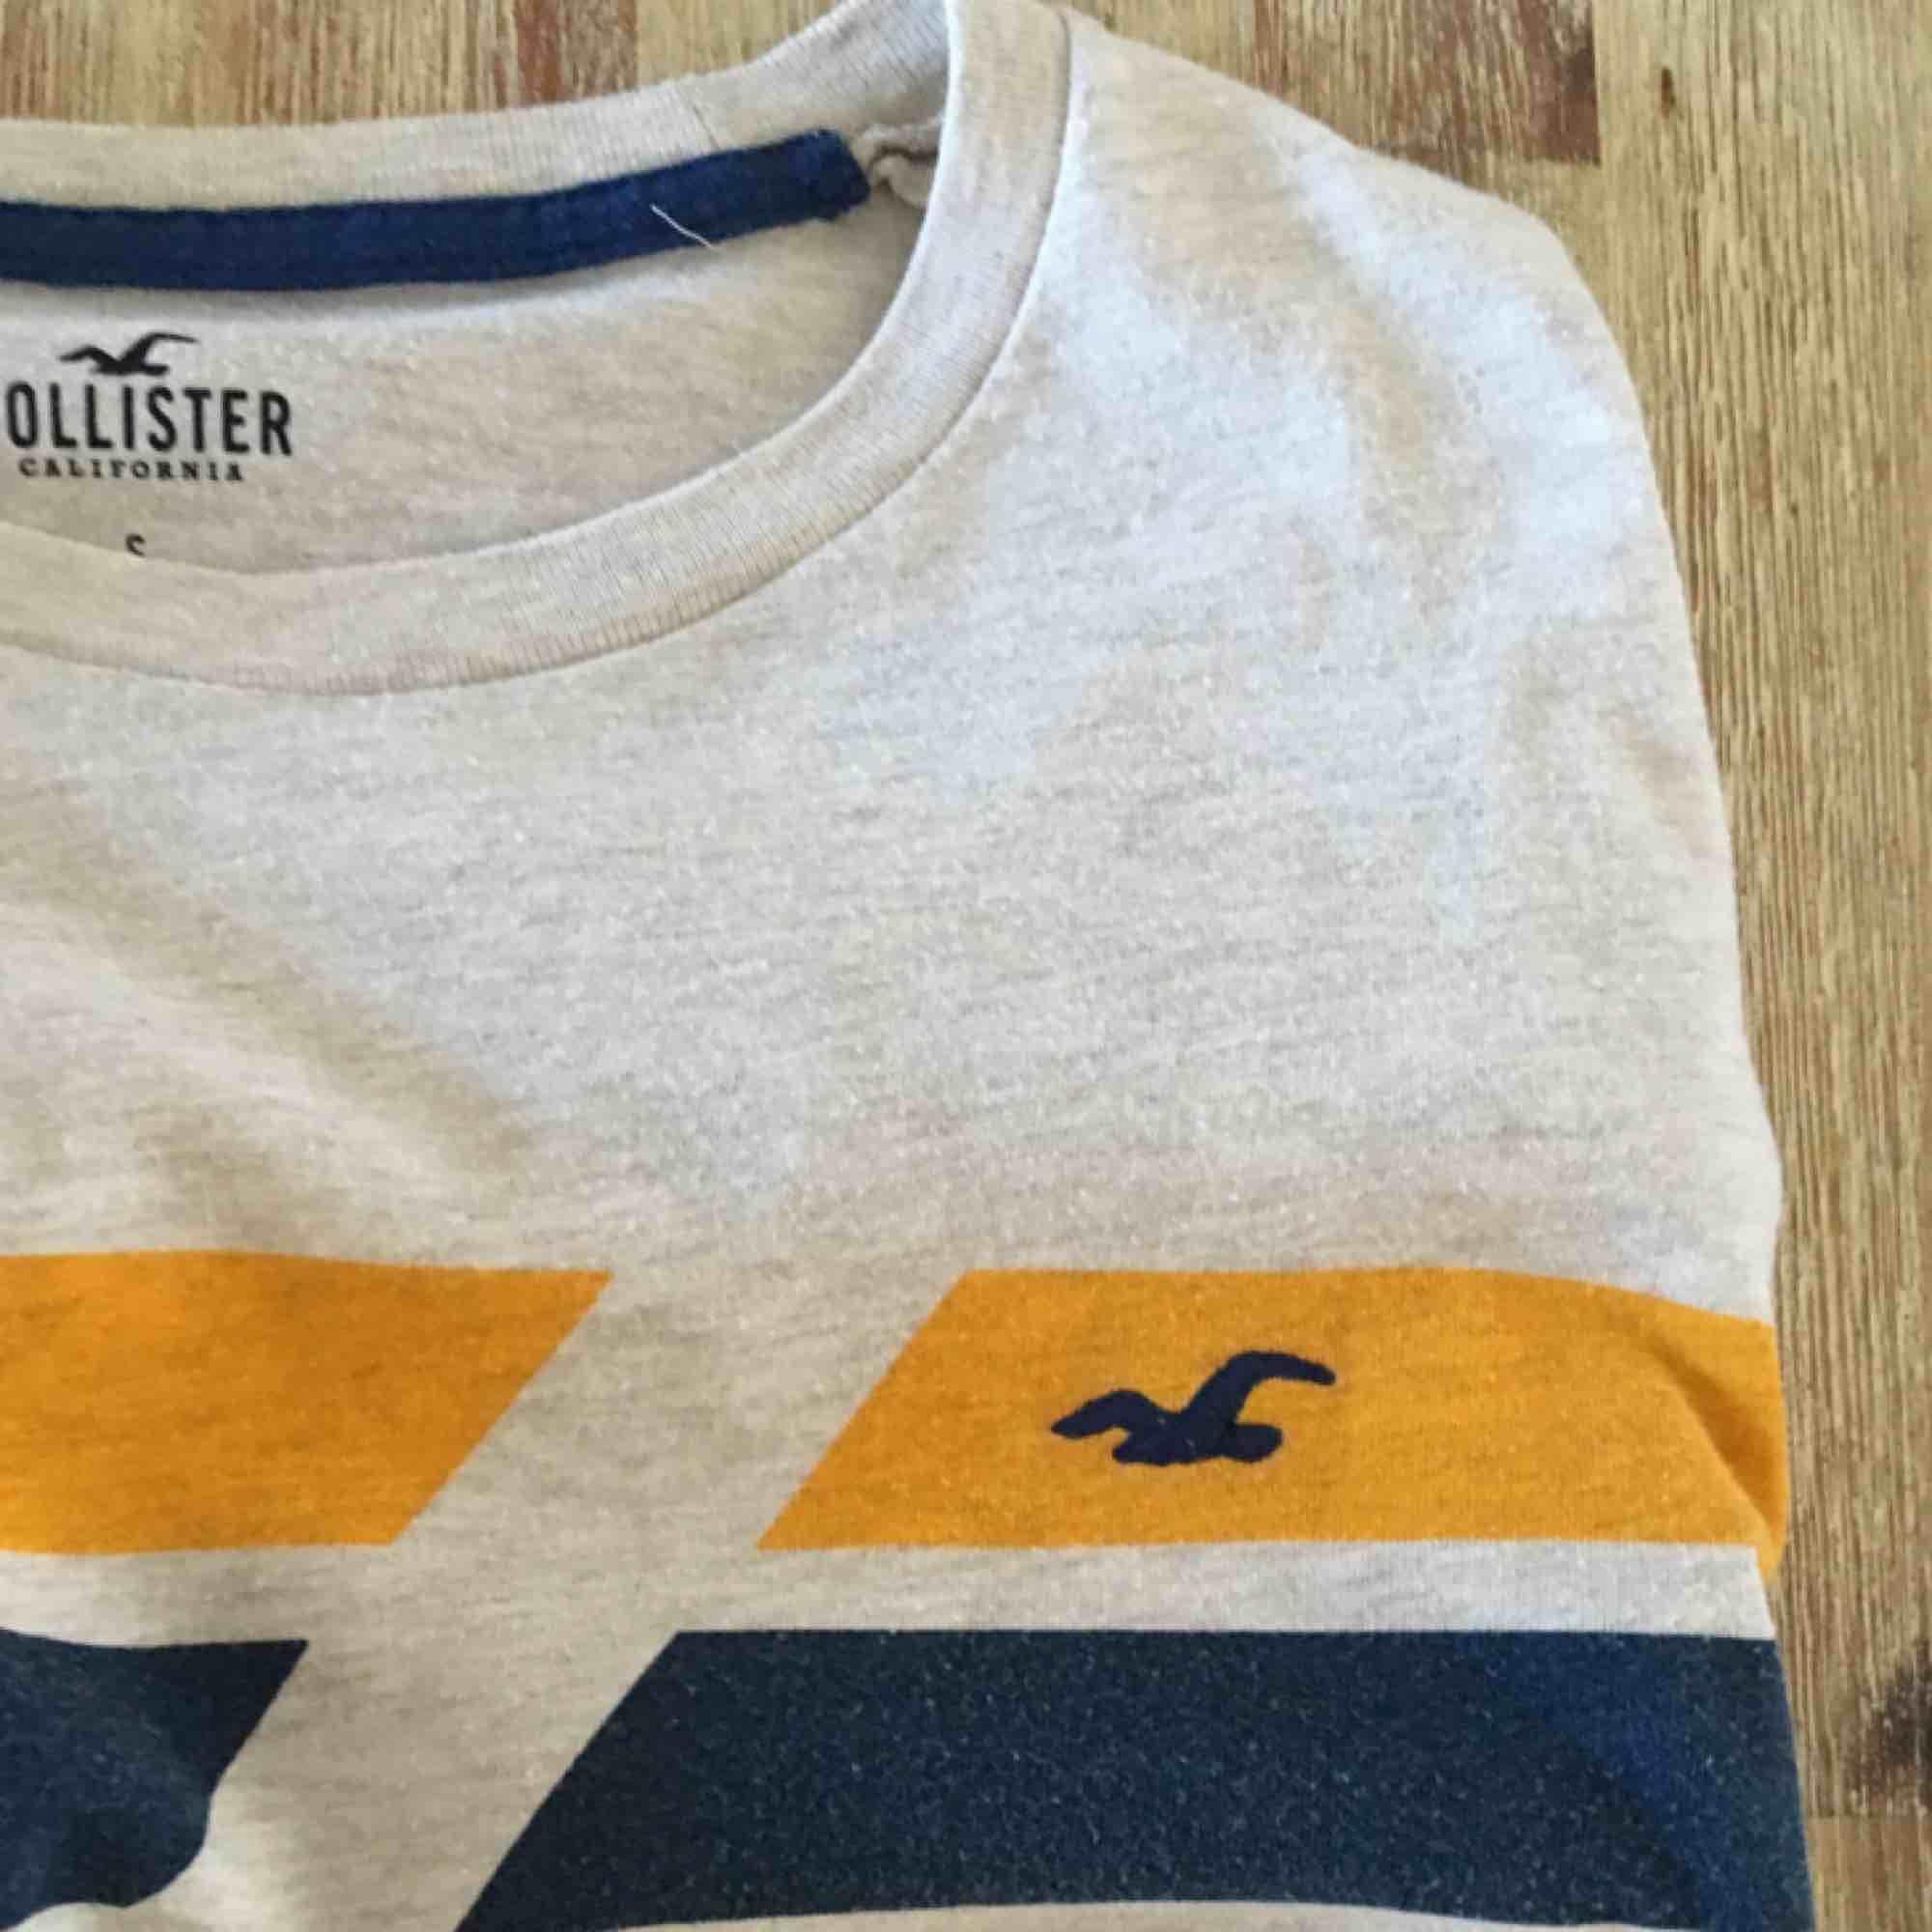 Herr T-shirt från Hollister som jag har klippt av där näre eftersom den var för lång på mig, så den är lite cropped. Frakt ingår. T-shirts.